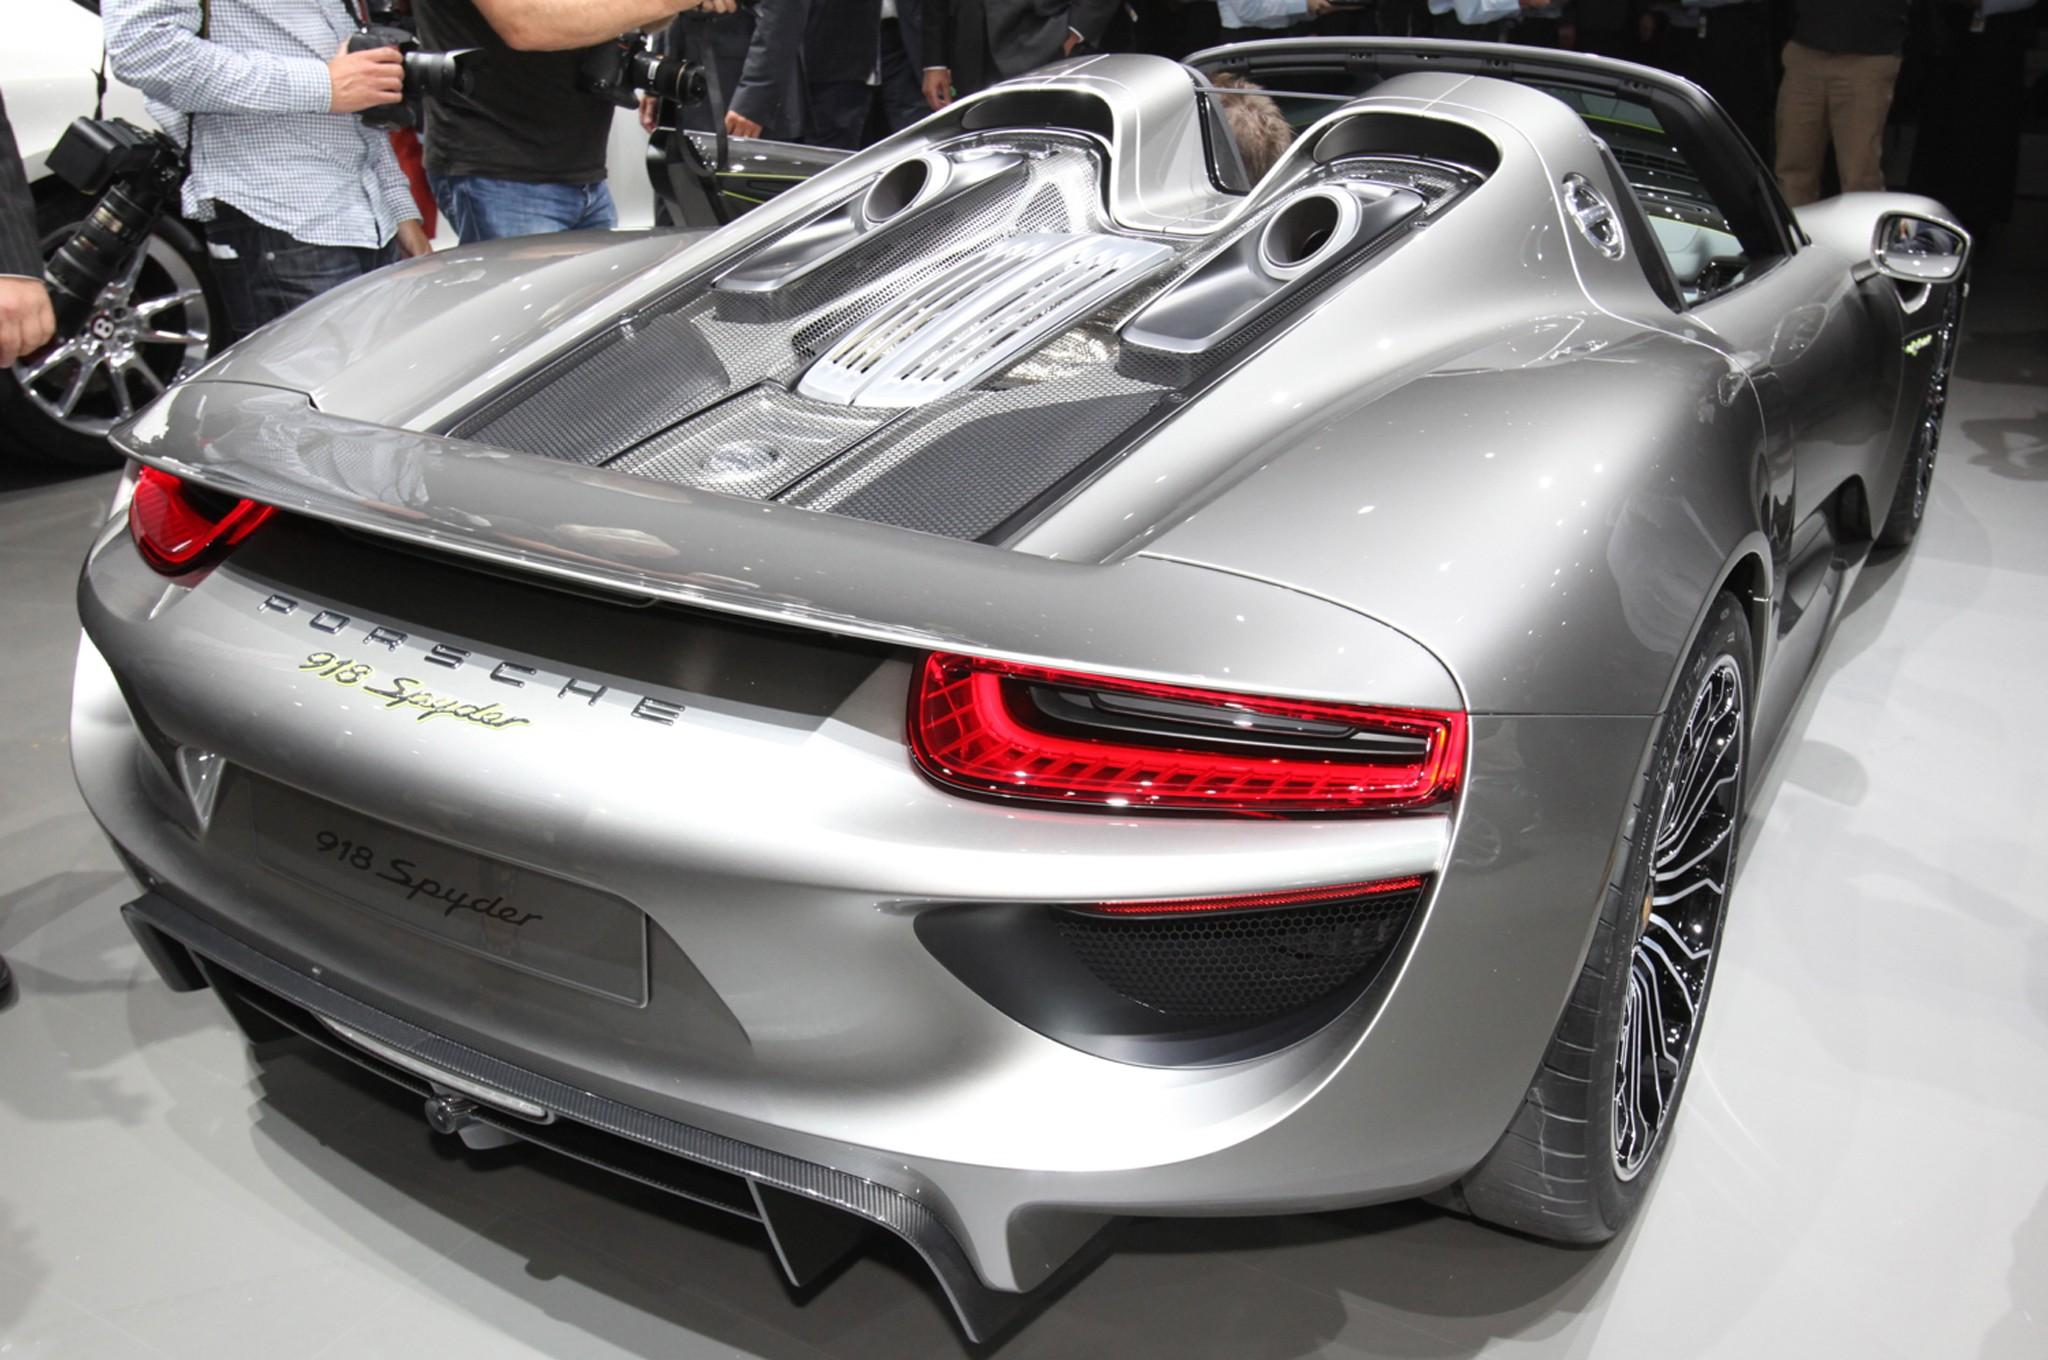 Повторить подвиг Суворова: 19 моделей Porsche 918 Spyder преодолели Альпы